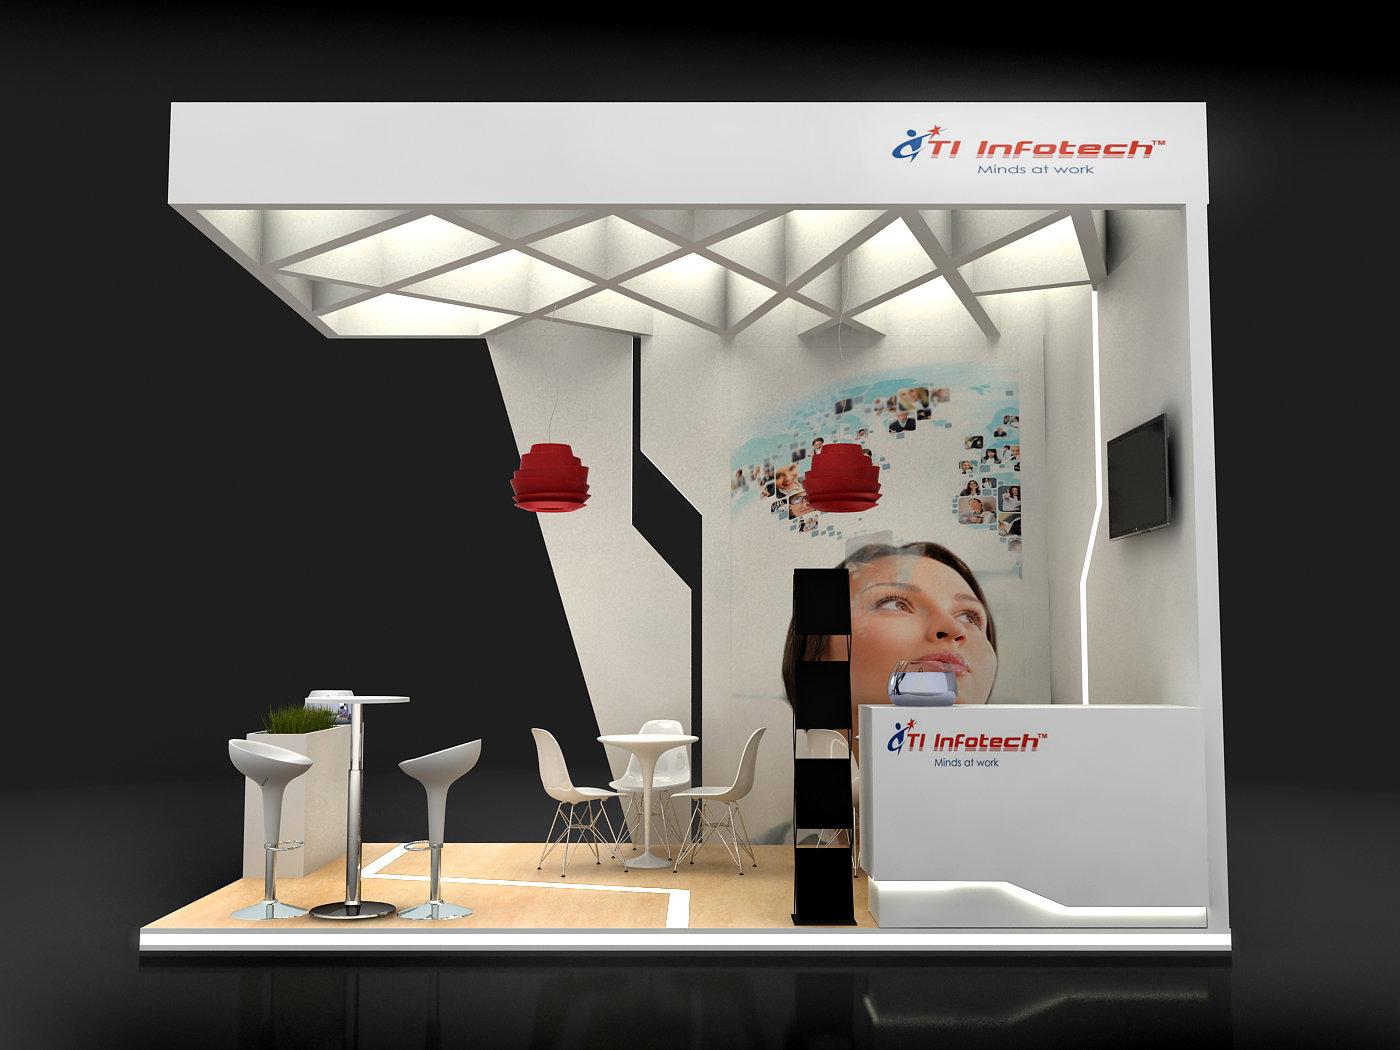 Exhibition Stand Proposal : Exhibition stand design bewleys seek design